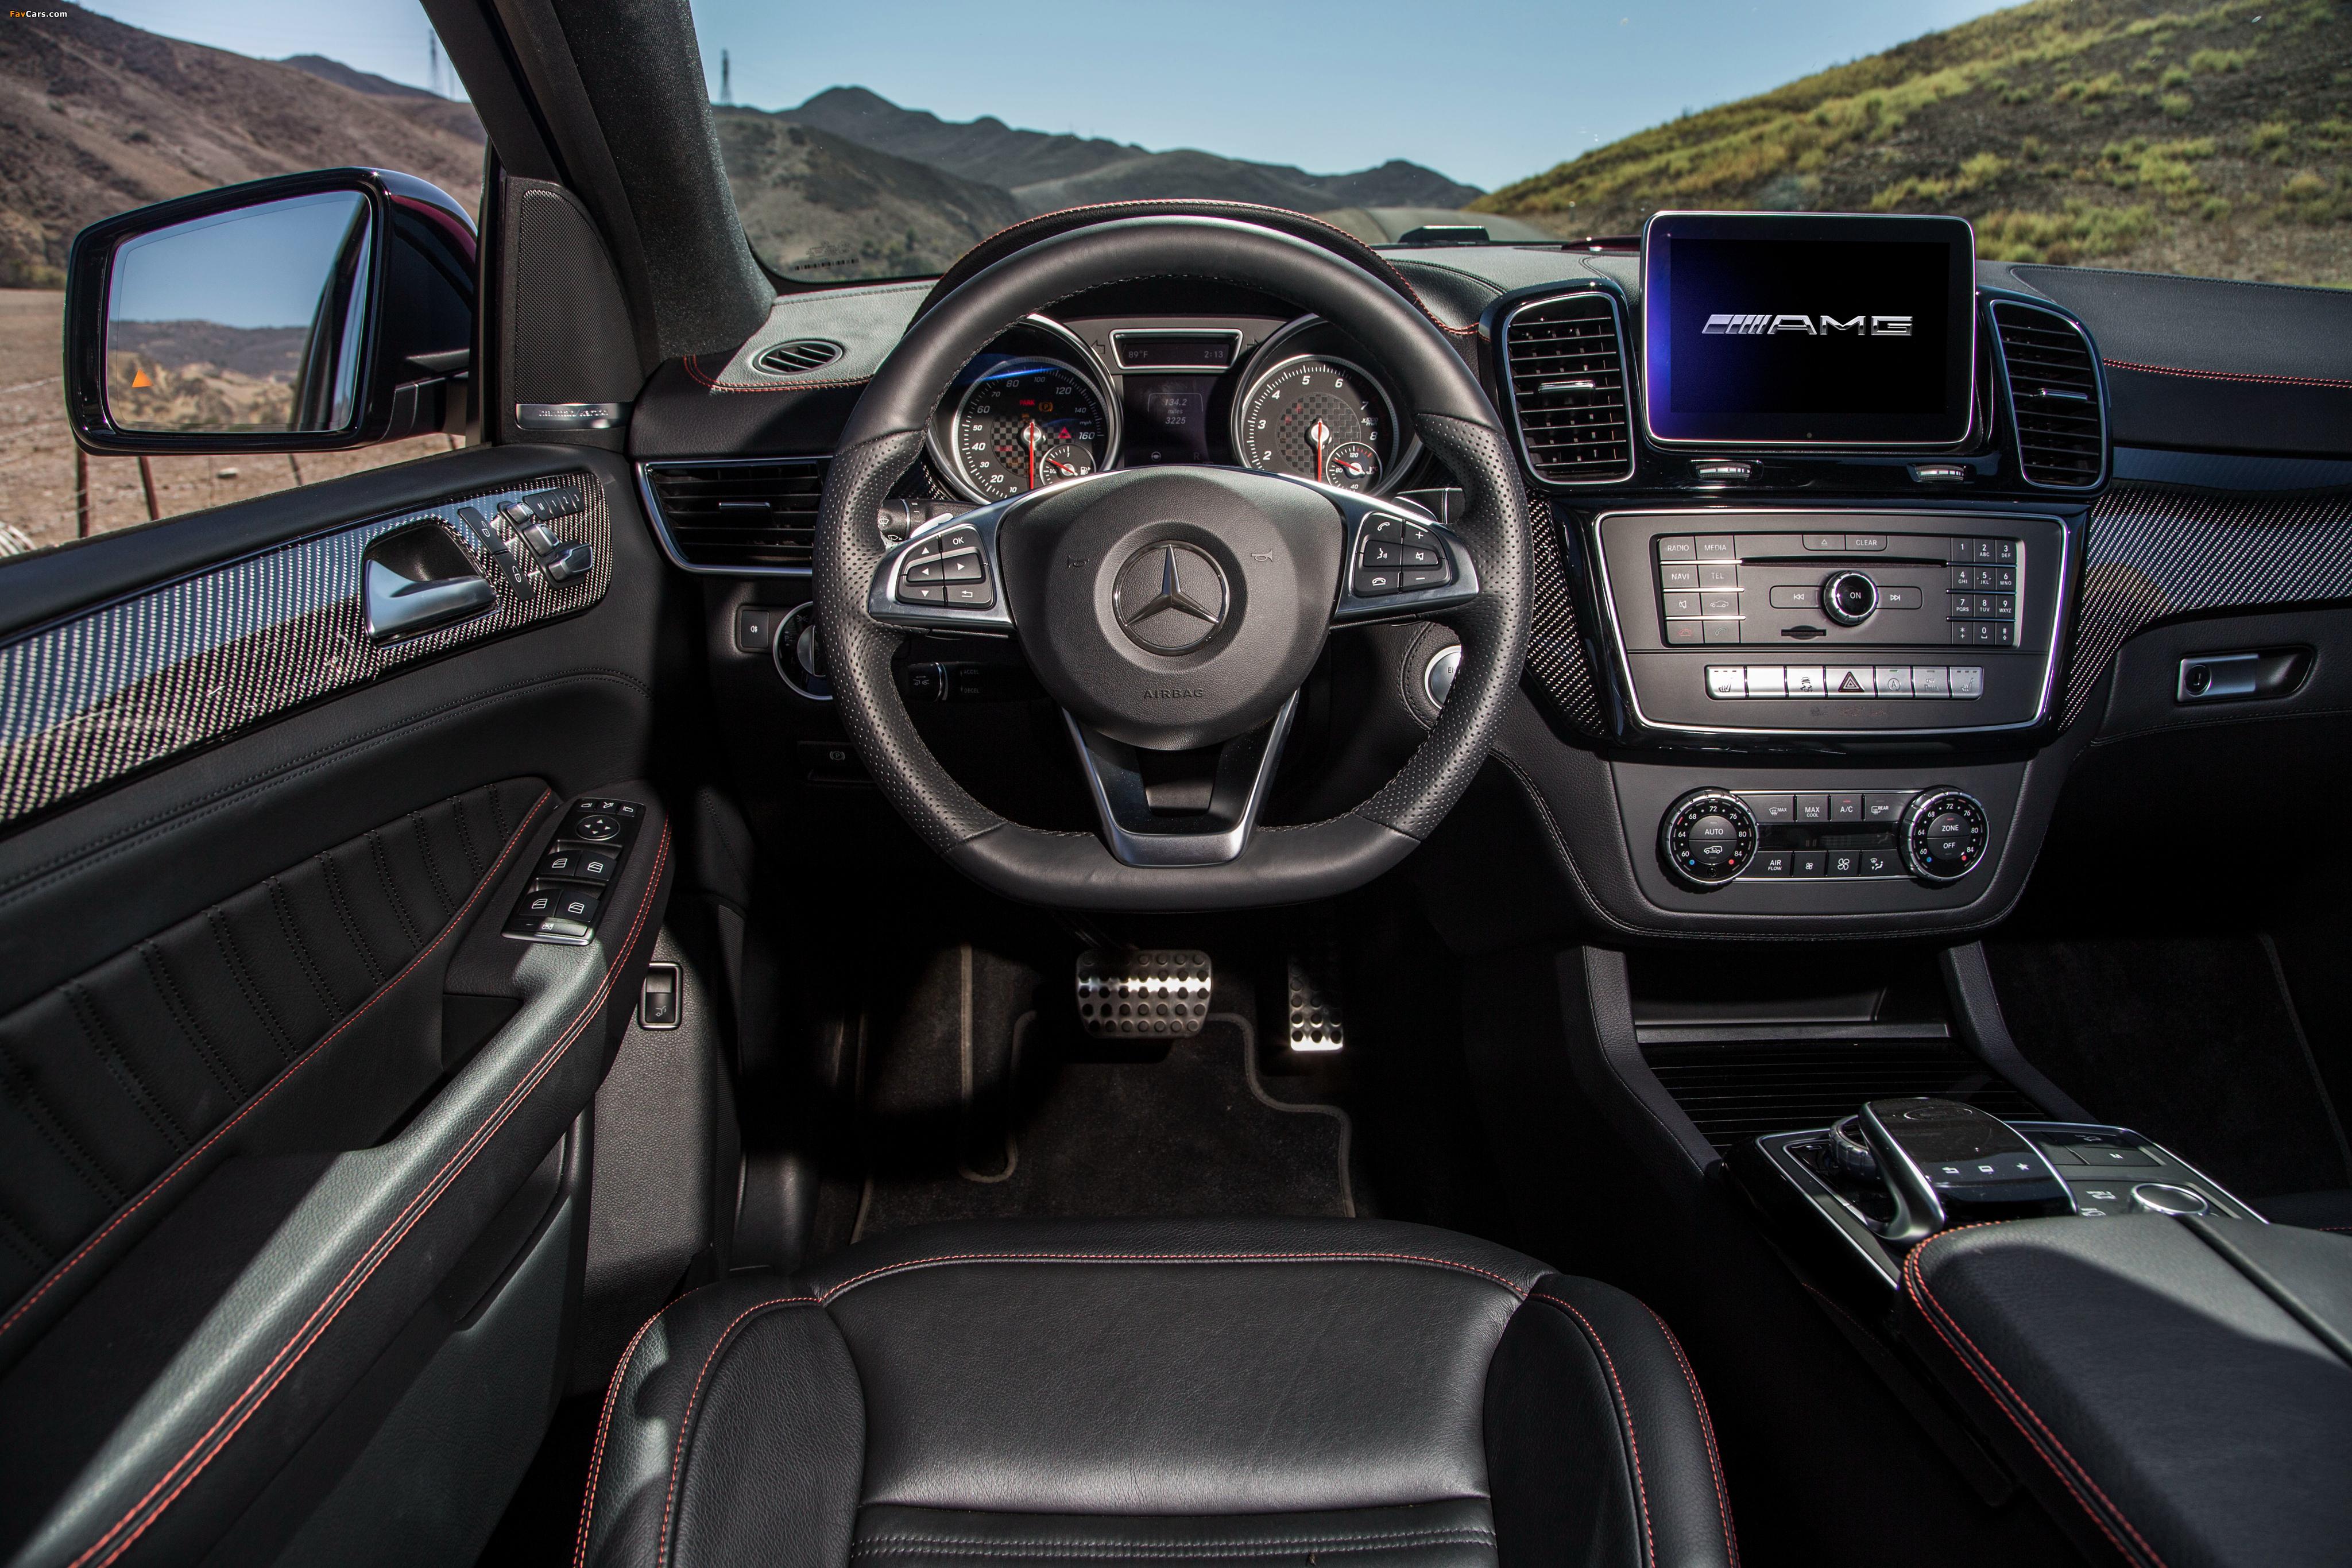 Mercedes-Benz GLE 450 AMG 4MATIC Coupé US-spec 2015 photos (4096 x 2731)